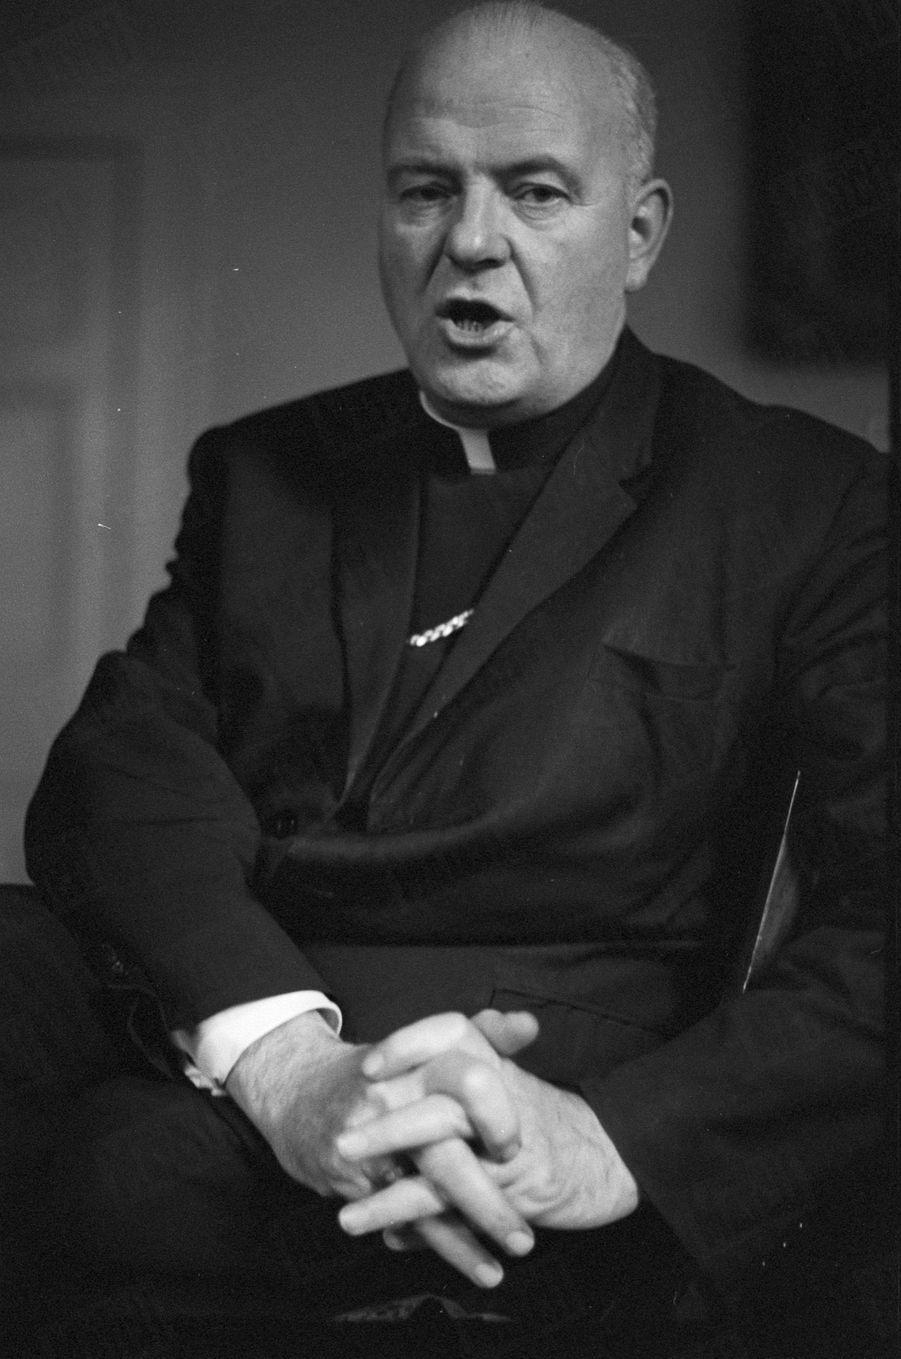 «Le cardinal Conway, primat de l'Eglise catholique d'Irlande, en se situant au-delà de la mêlée, offre un dernier recours pour rétablir une paix civile.» - Paris Match n°1060, 30 août 1969